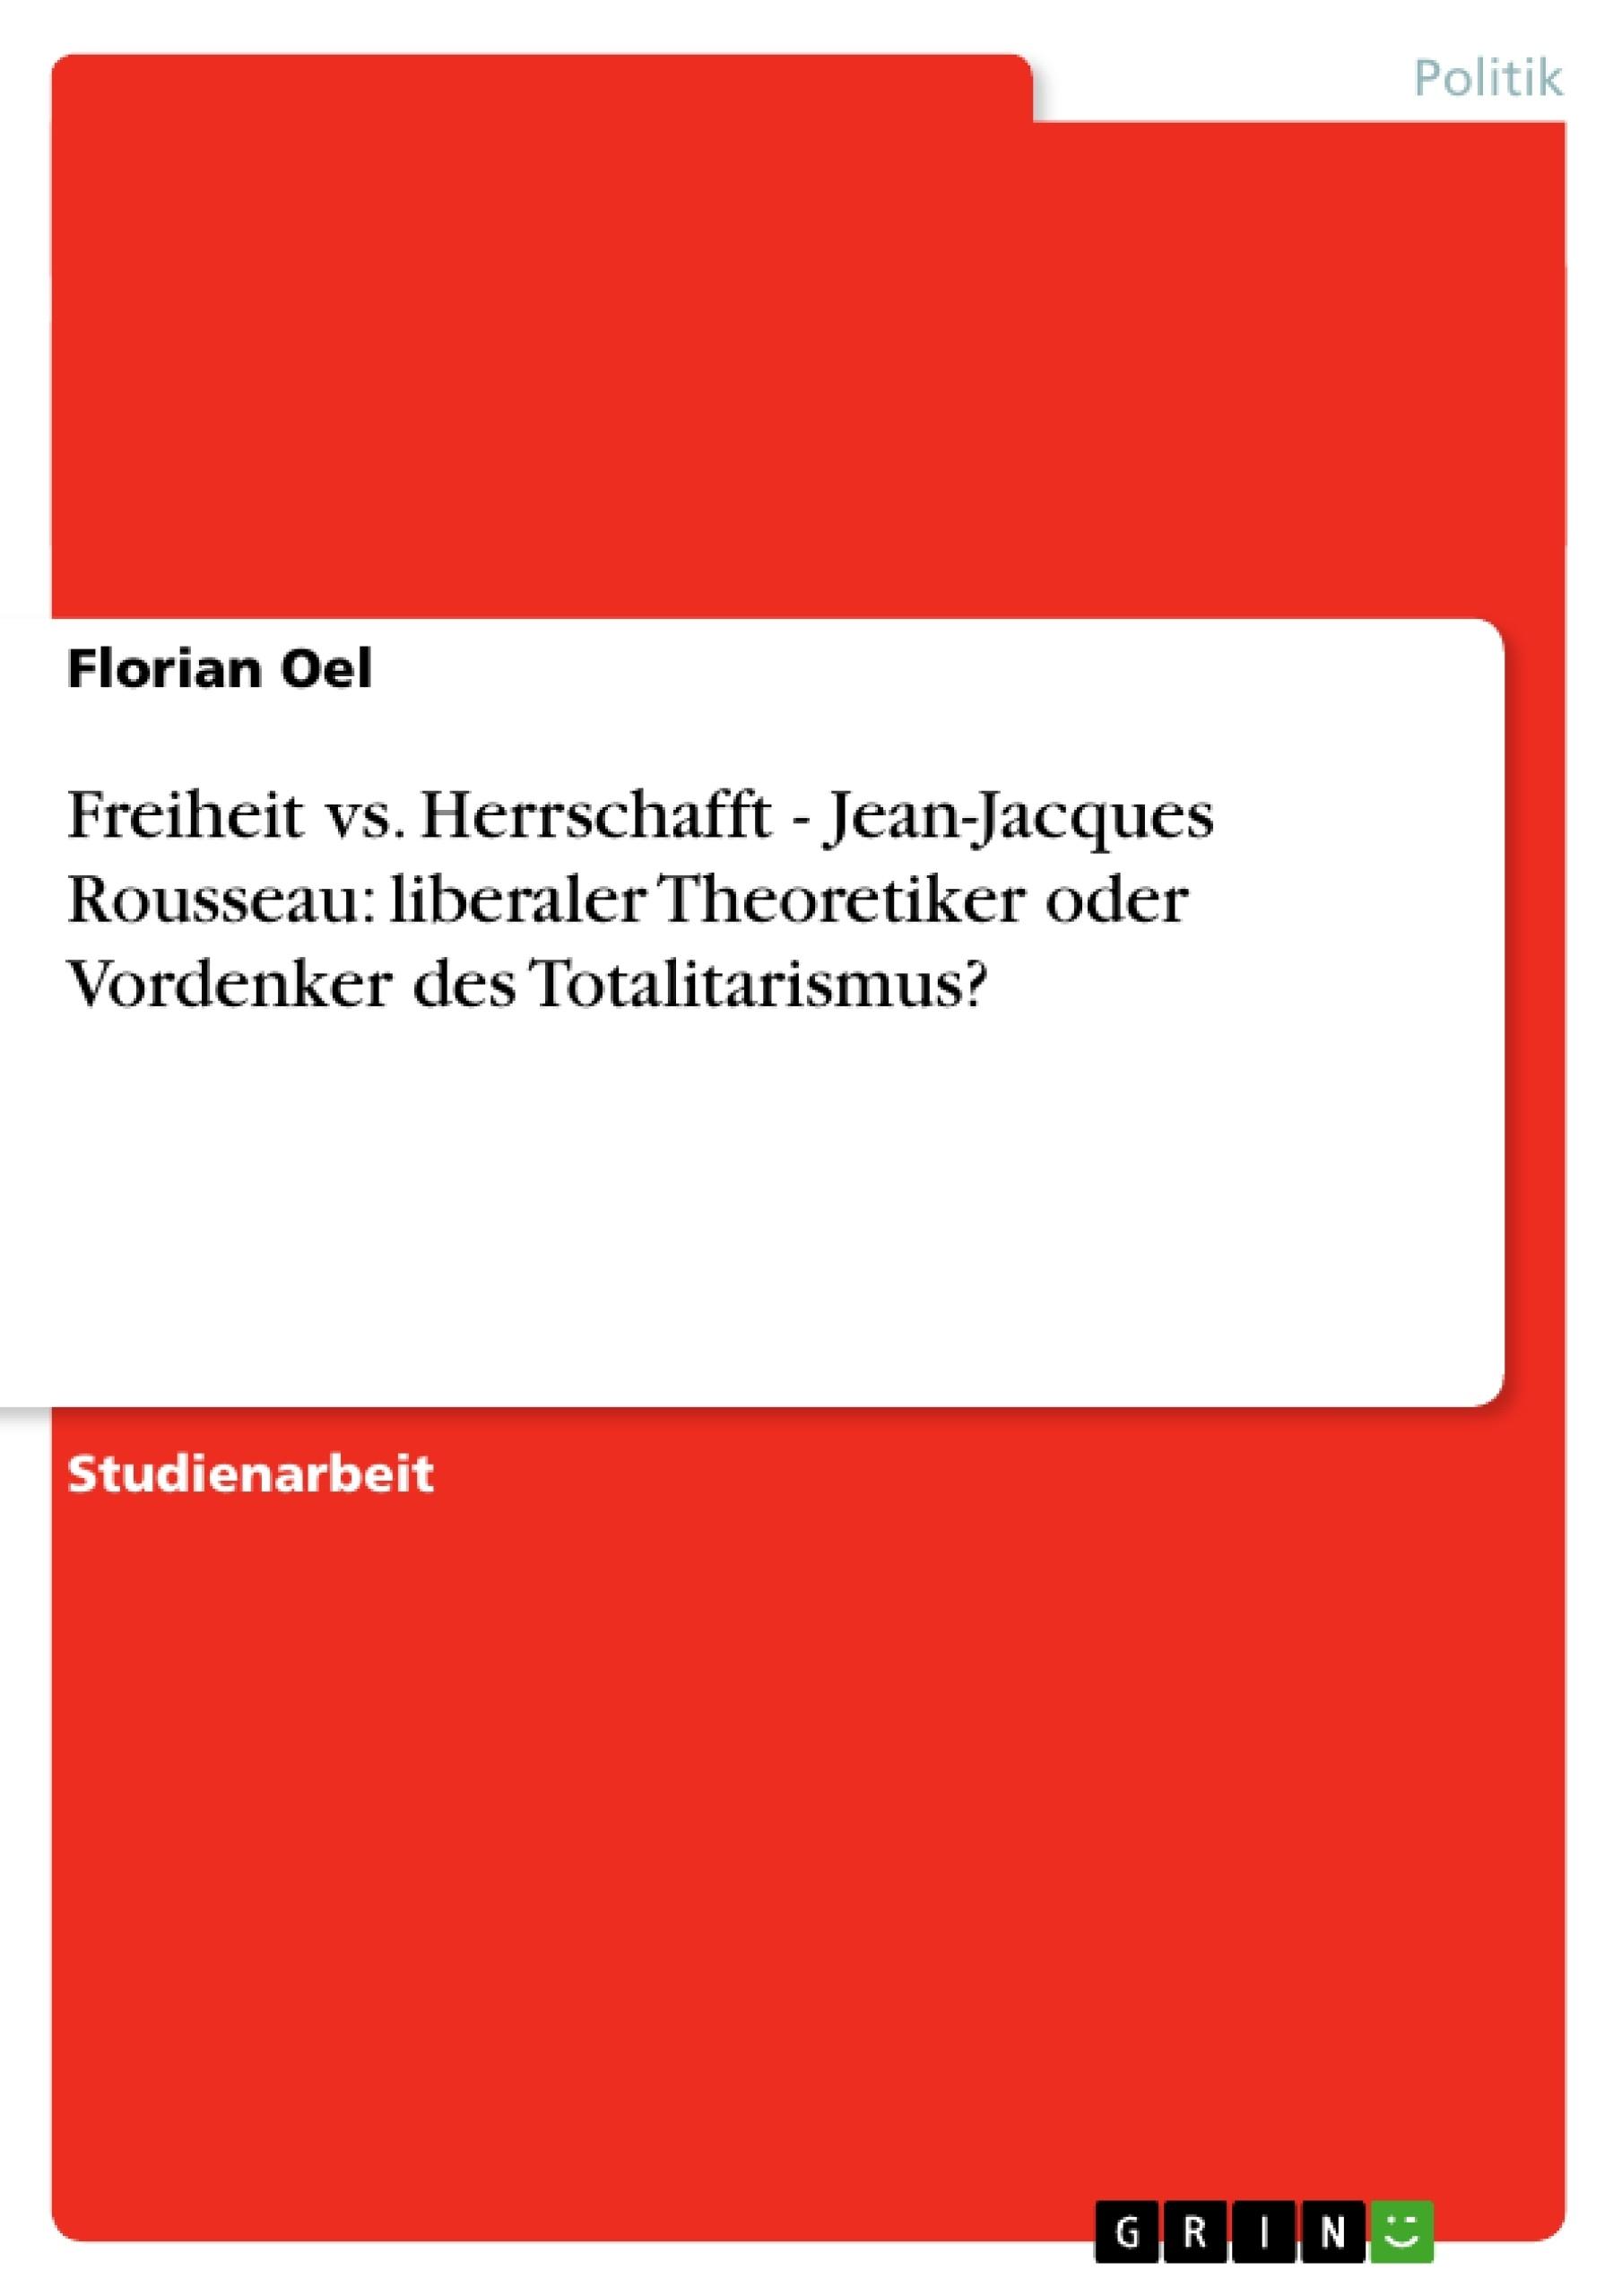 Titel: Freiheit vs. Herrschafft - Jean-Jacques Rousseau: liberaler Theoretiker oder Vordenker des Totalitarismus?